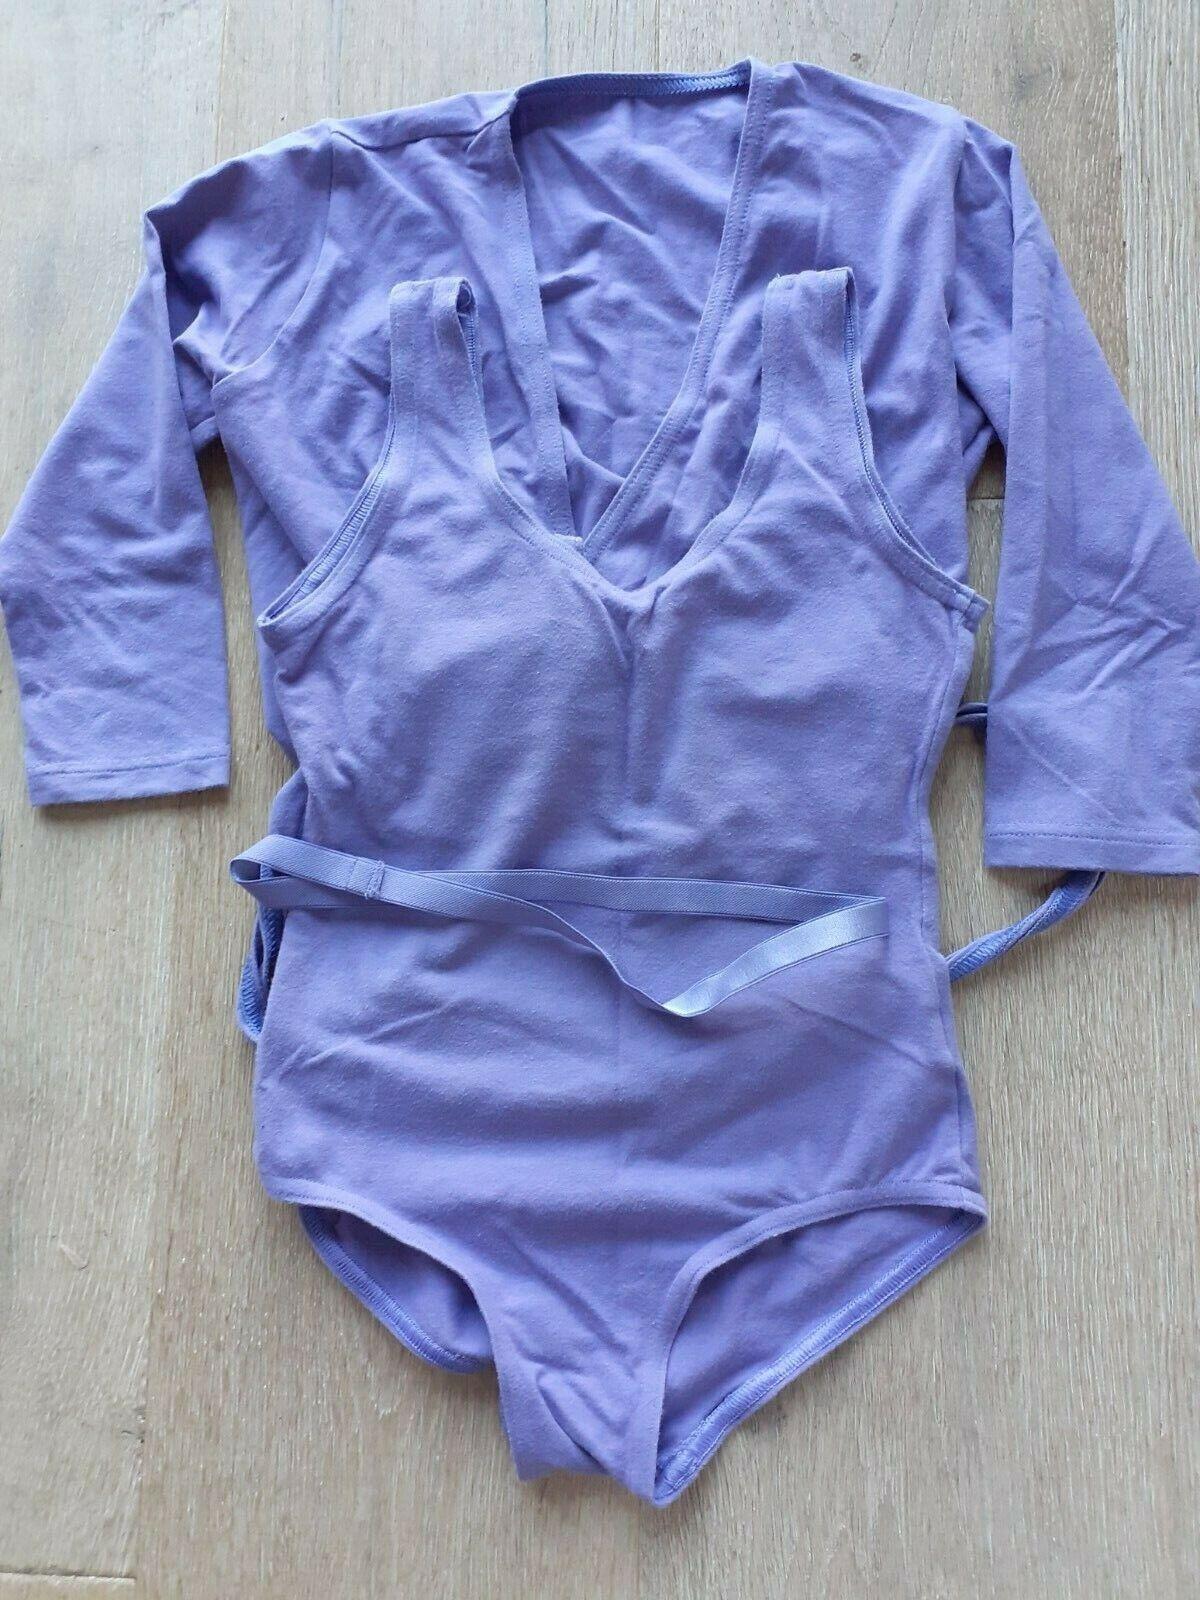 STARLITE RAD Regulation Cotton Leotard & Wrap (Lavender) Size 1